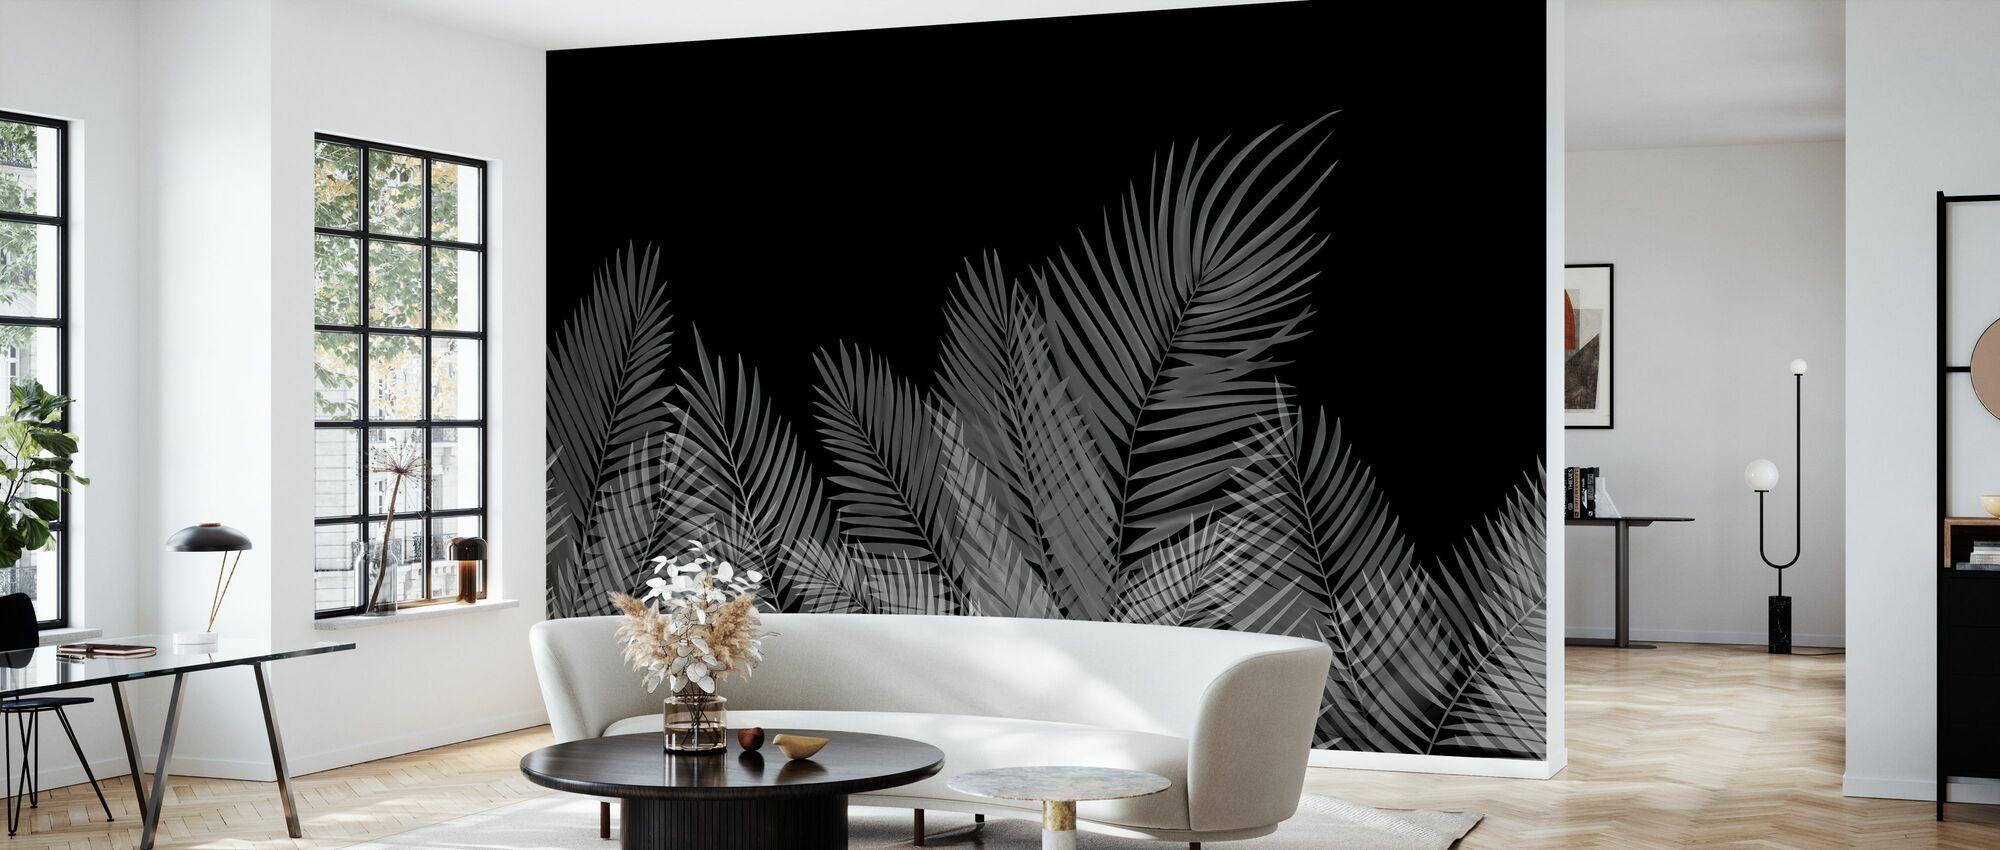 Svaiende Palm blader - svart-hvitt - Tapet - Stue